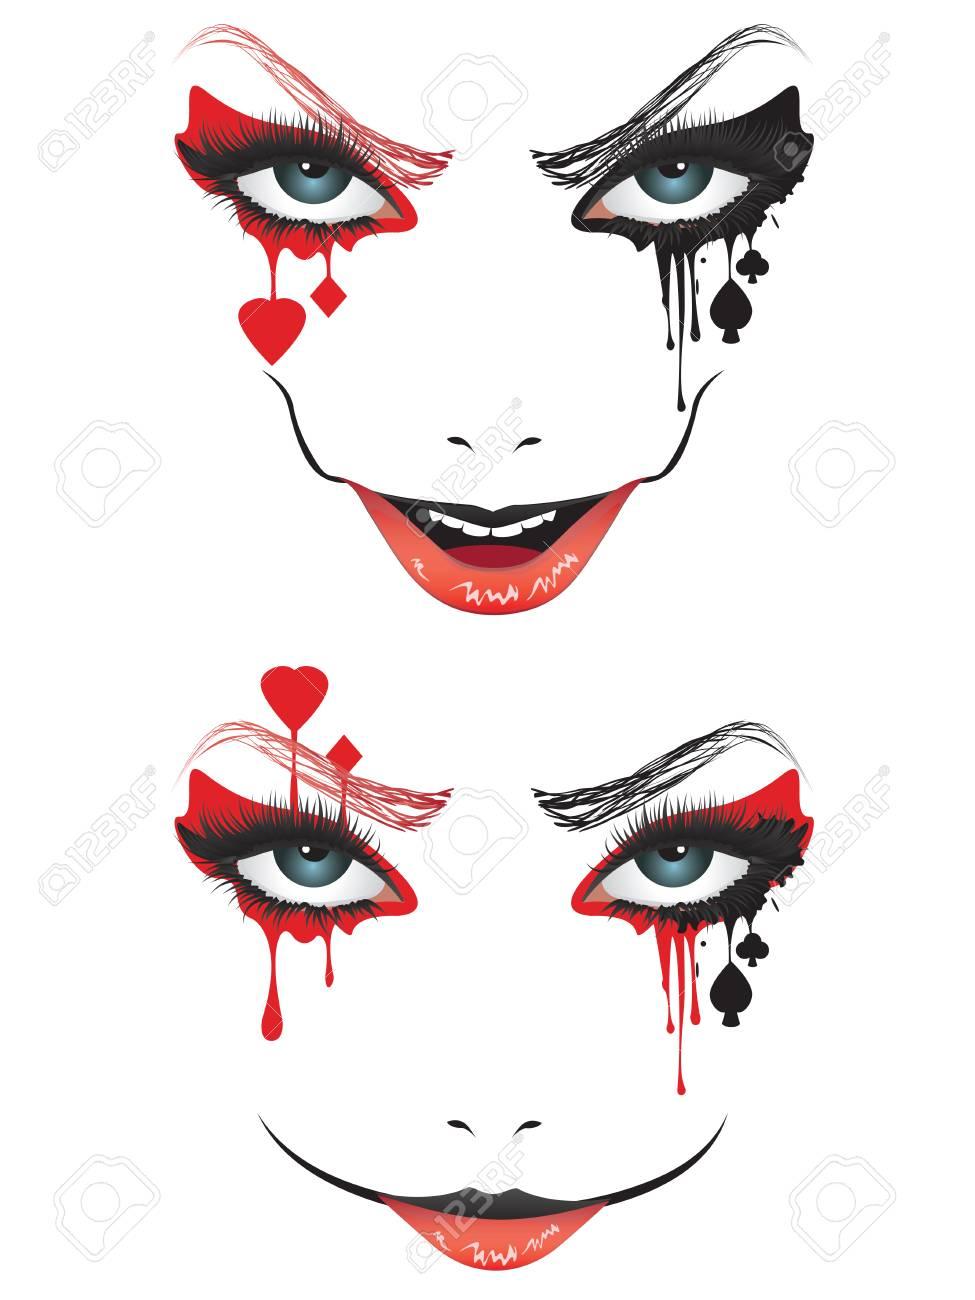 Visage De Dessin Animé Avec Maquillage Effrayant Pour Halloween